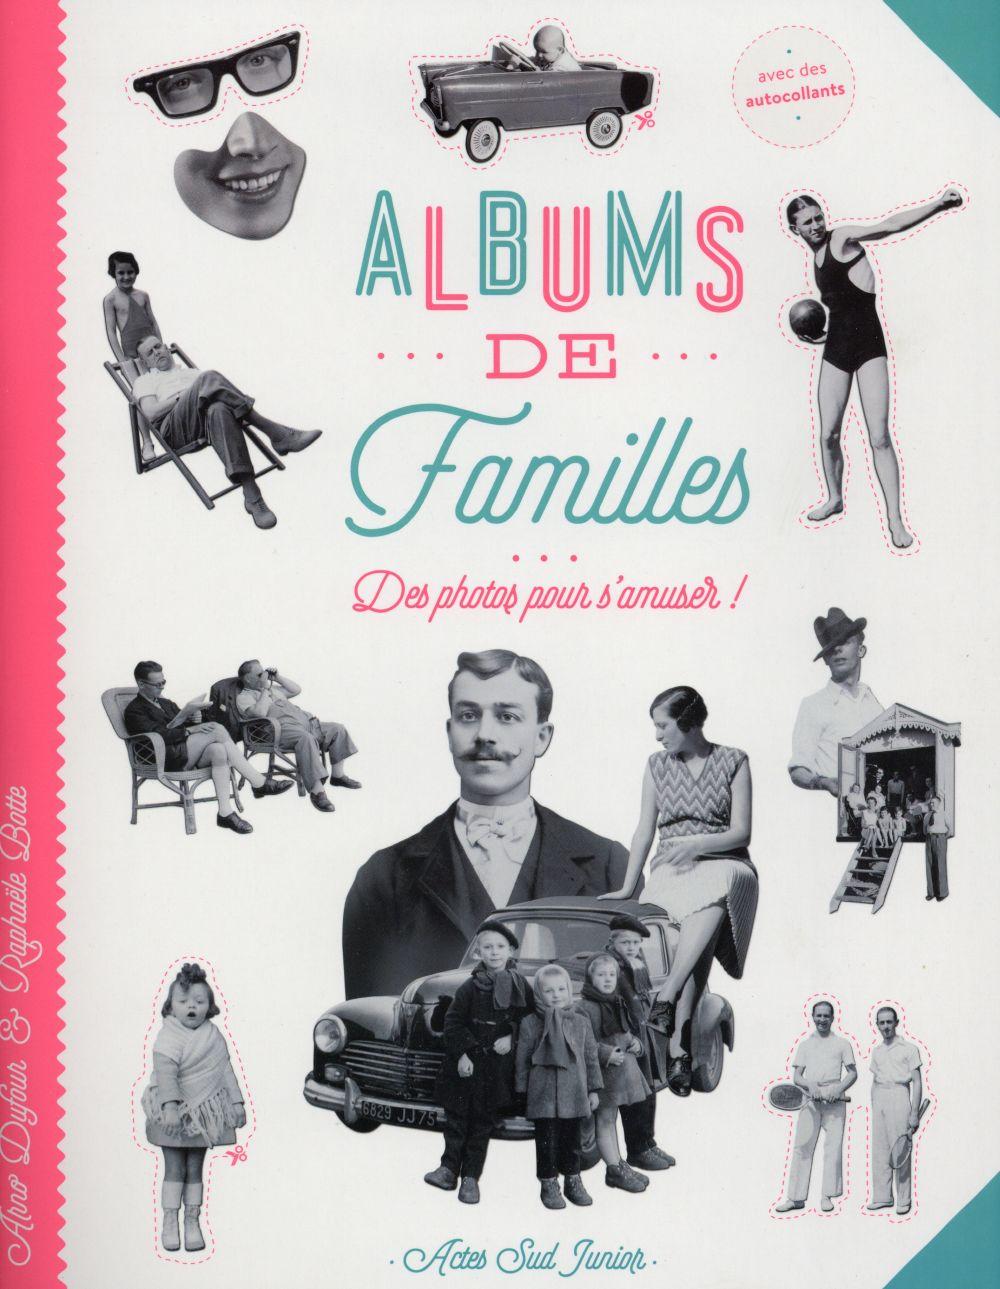 Albums de familles